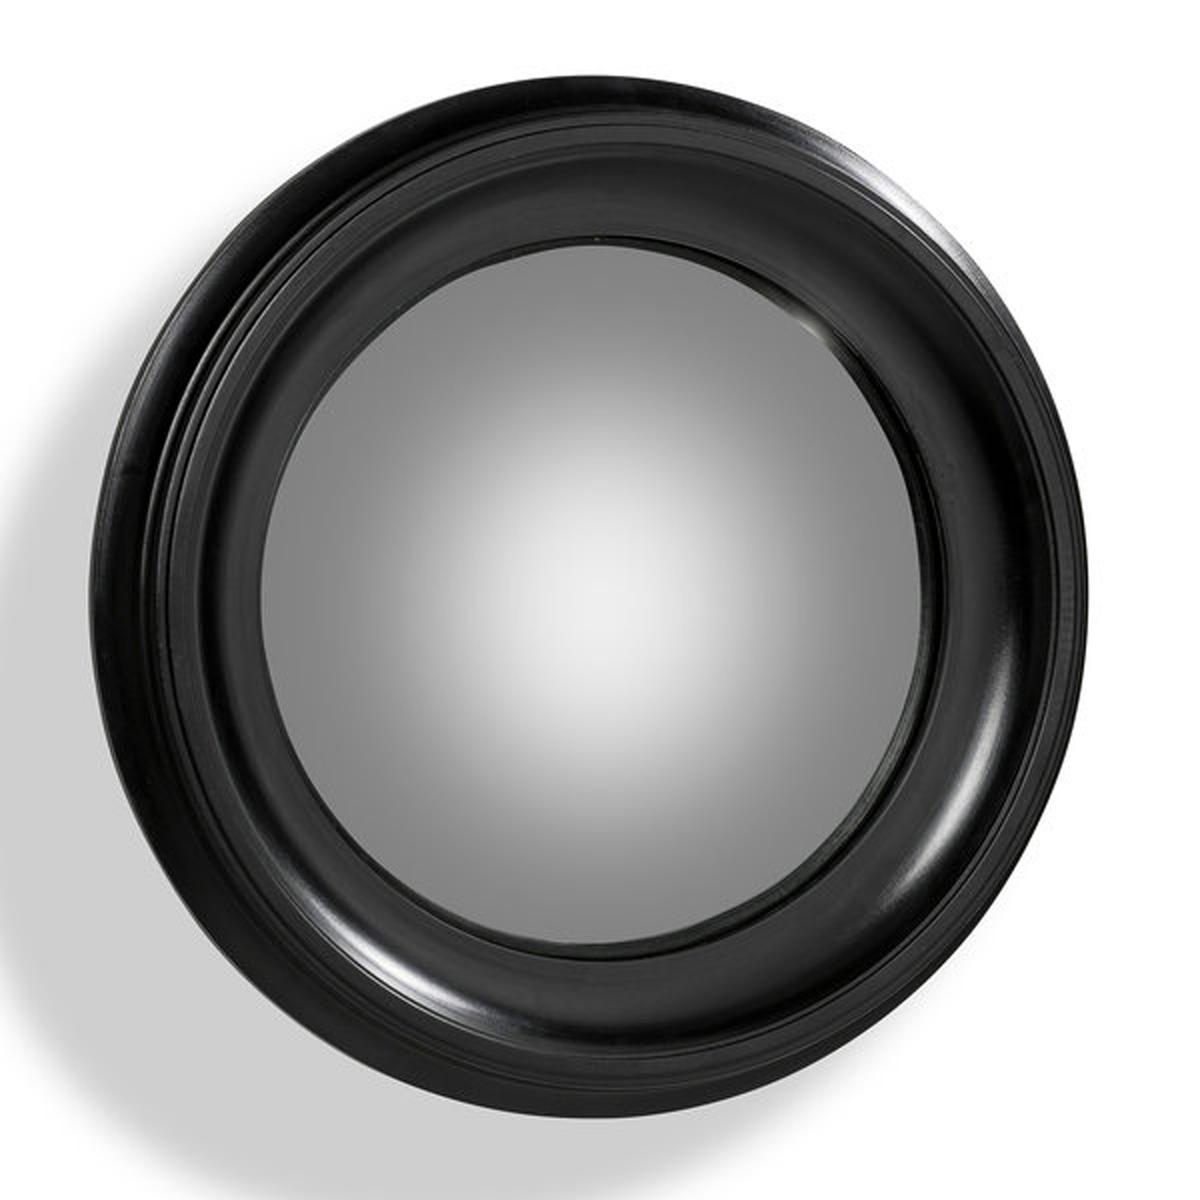 Зеркало Habel с черной рамой, диаметр 60 смРама из МДФ, лакированная отделка черного цвета.Крепление на стену с помощью врезанного металлического люверса.Диаметр 60 см.<br><br>Цвет: черный